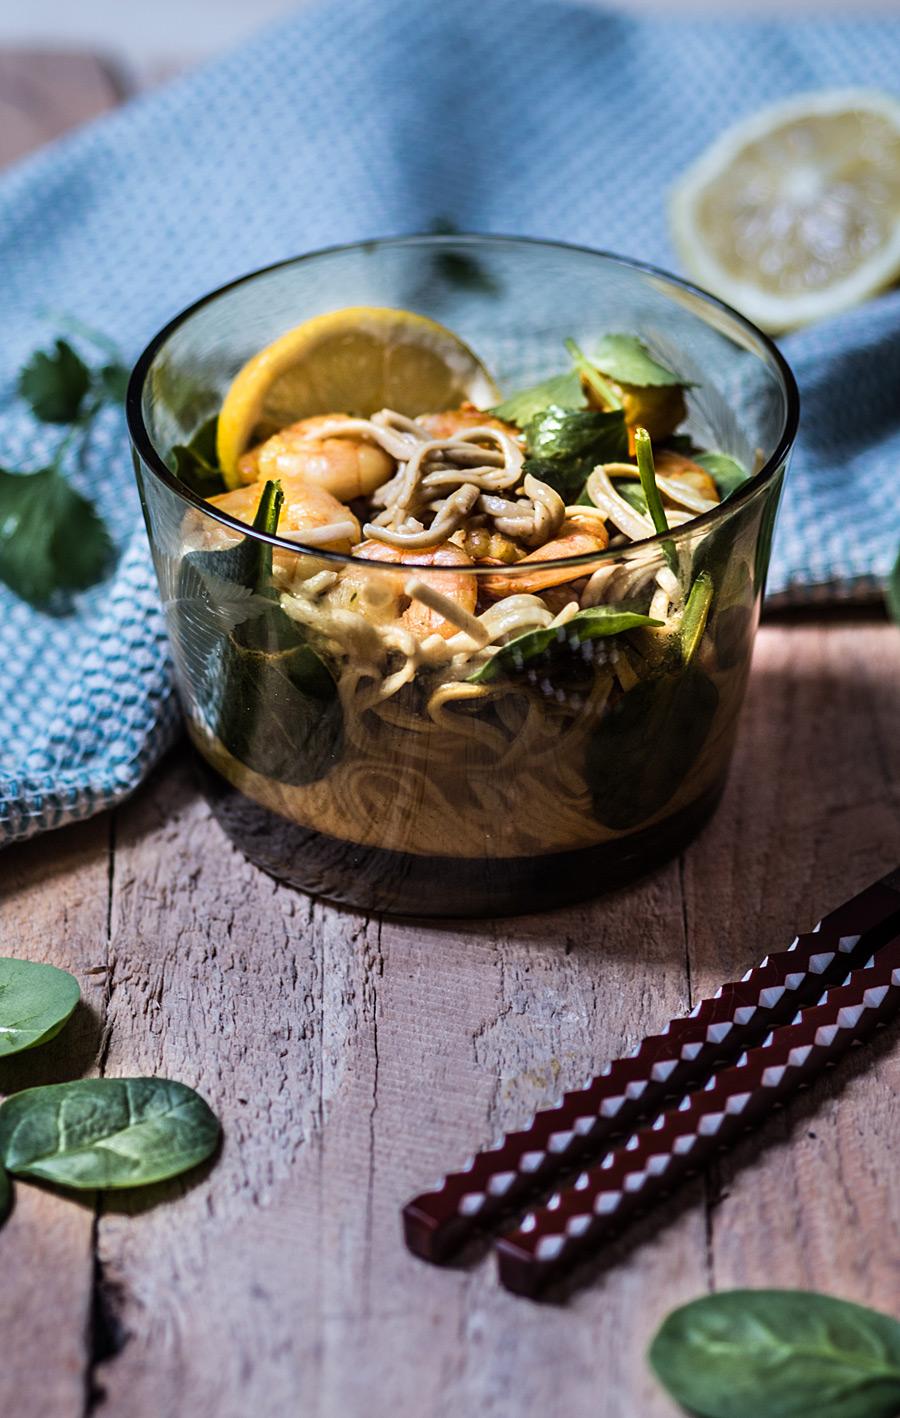 Curry prawns noodles | Lau Sunday cooks